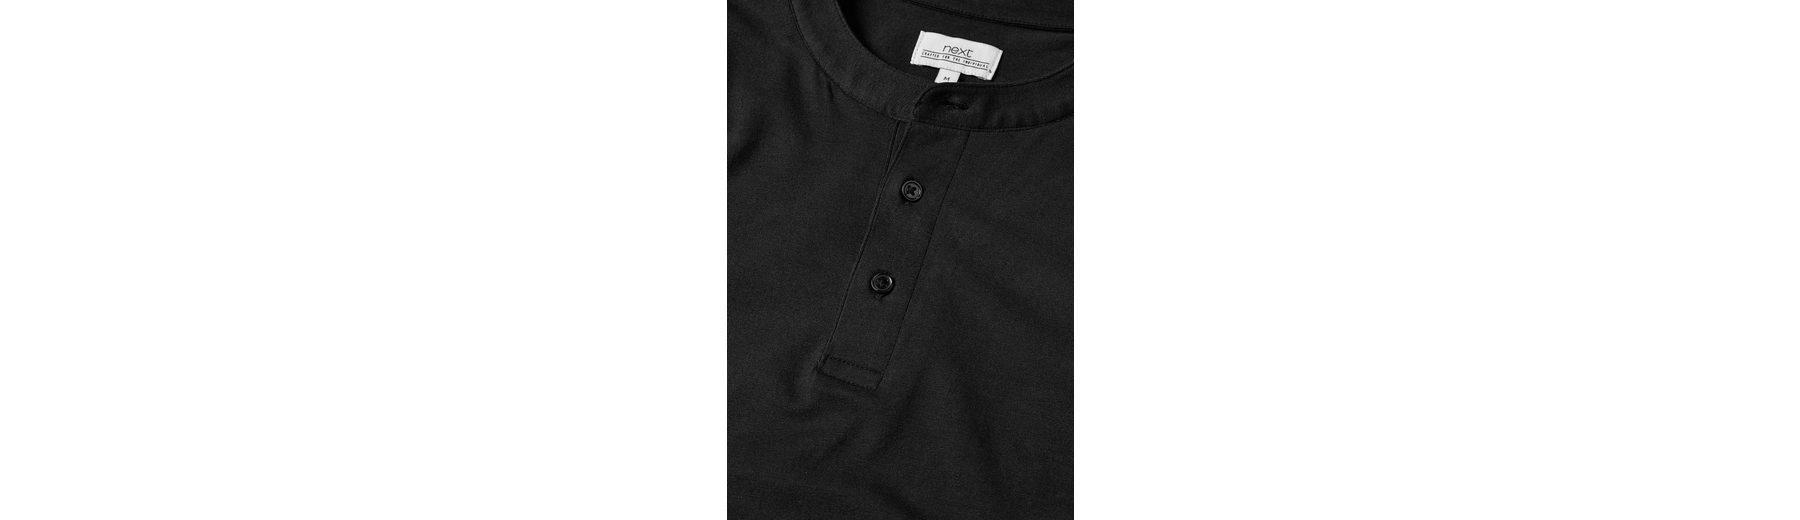 Freiheit Der Billigsten Online-Shop Zum Verkauf Next Muscle-Fit Grandad-Shirt 541fF4k